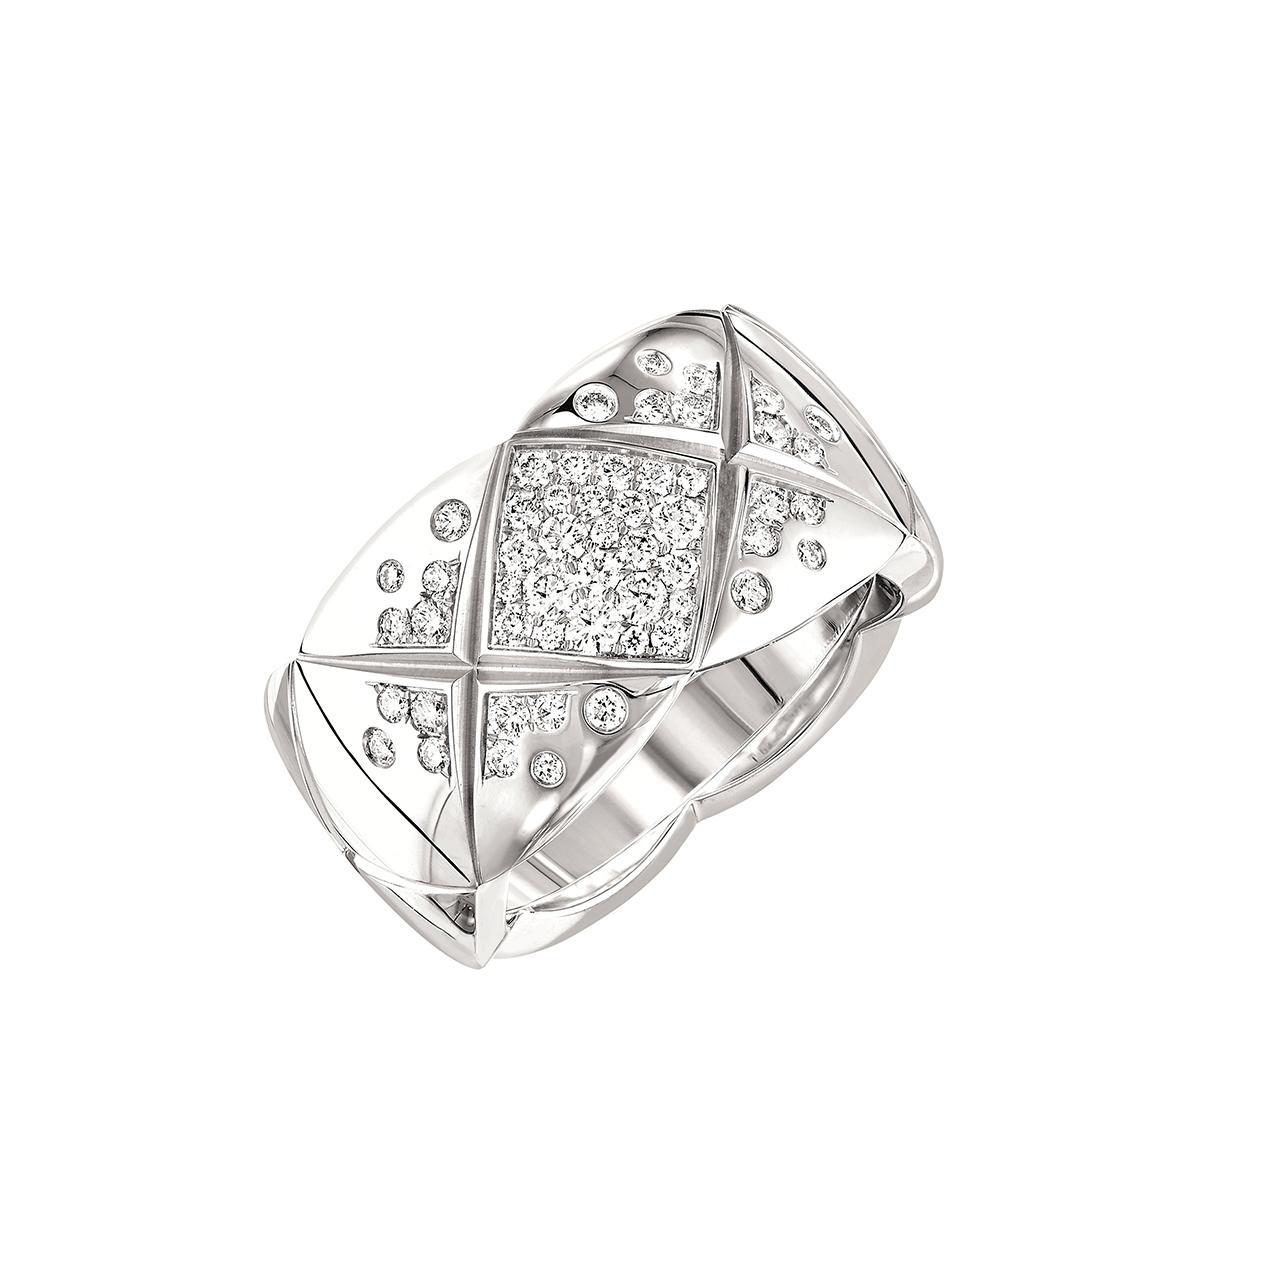 「ココ クラッシュ」(WG、ダイヤモンド) ¥ 825,000